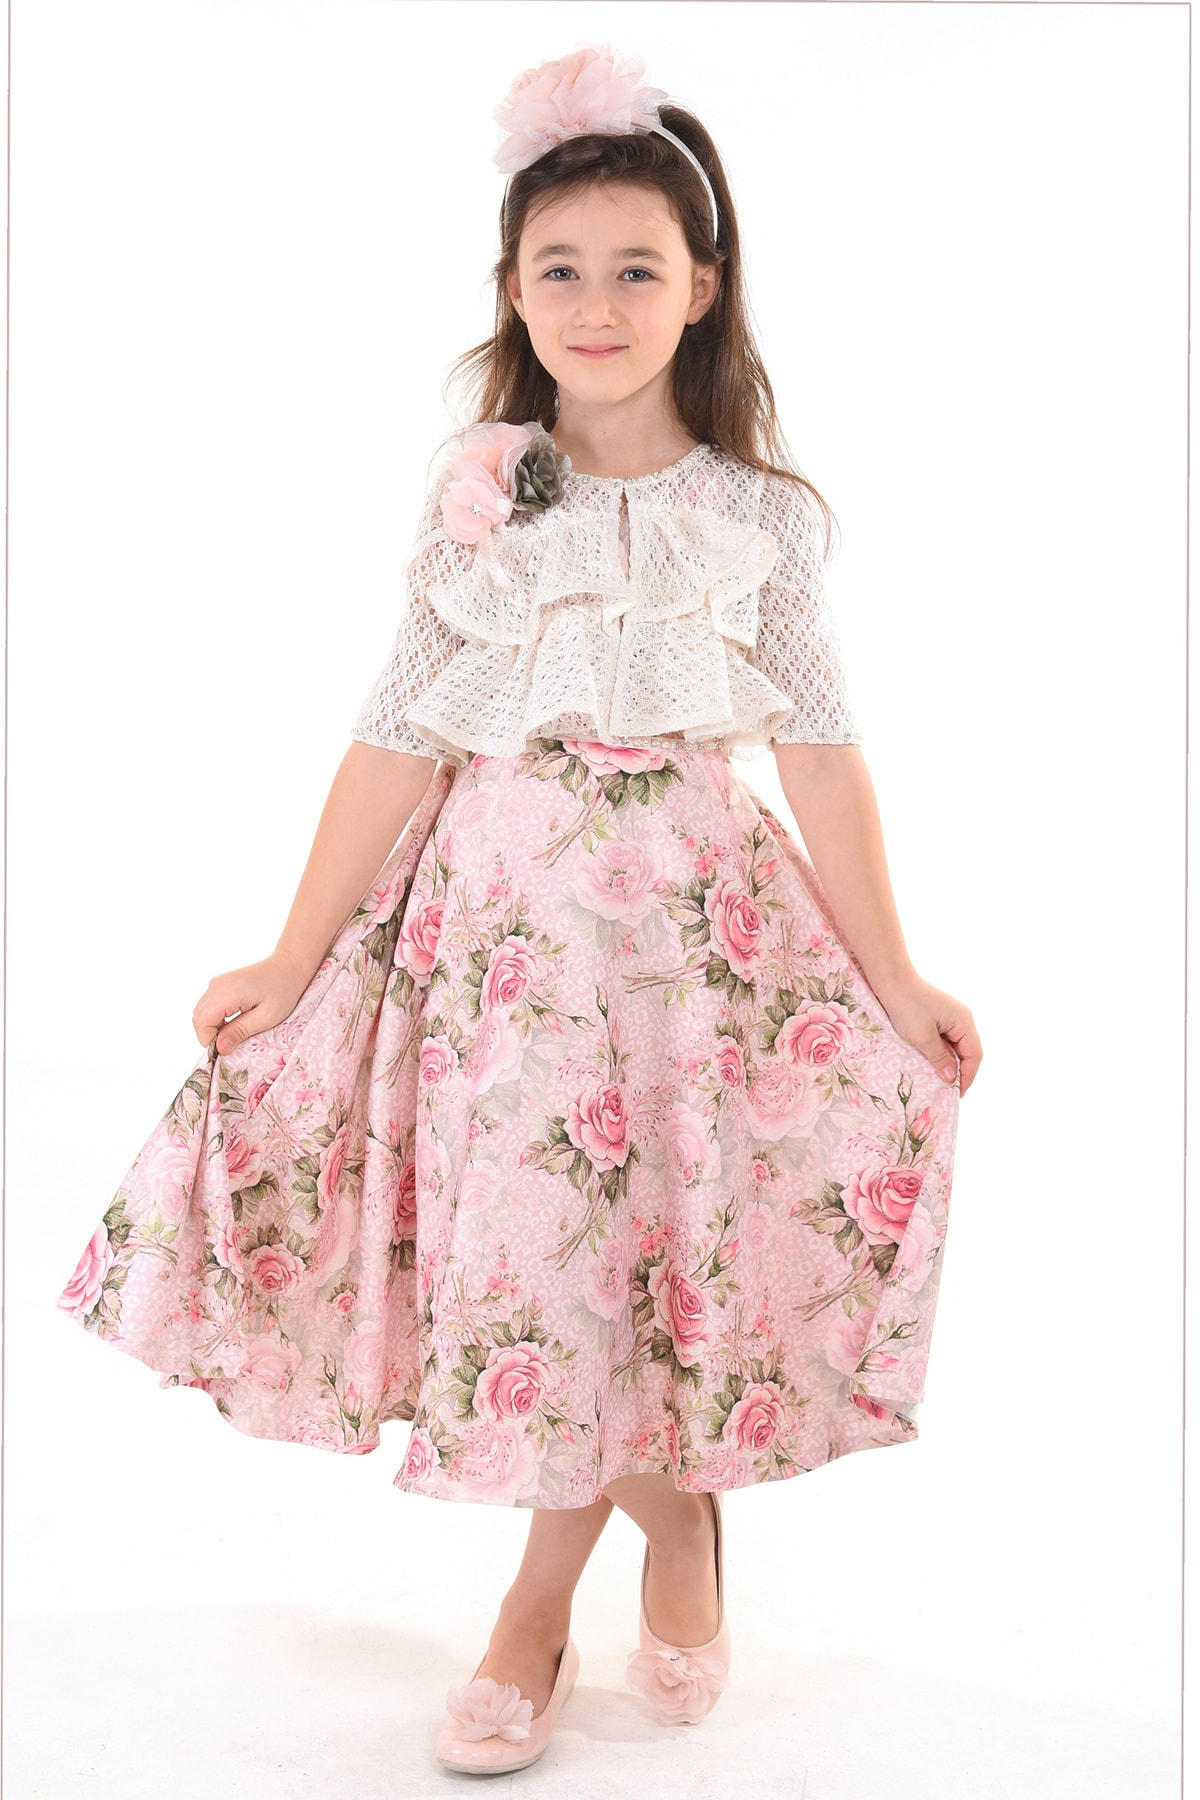 Mialora Couture Pembe, Bolerolu, Çiçekli, Taçlı Kız Çocuk Abiye Elbise 1